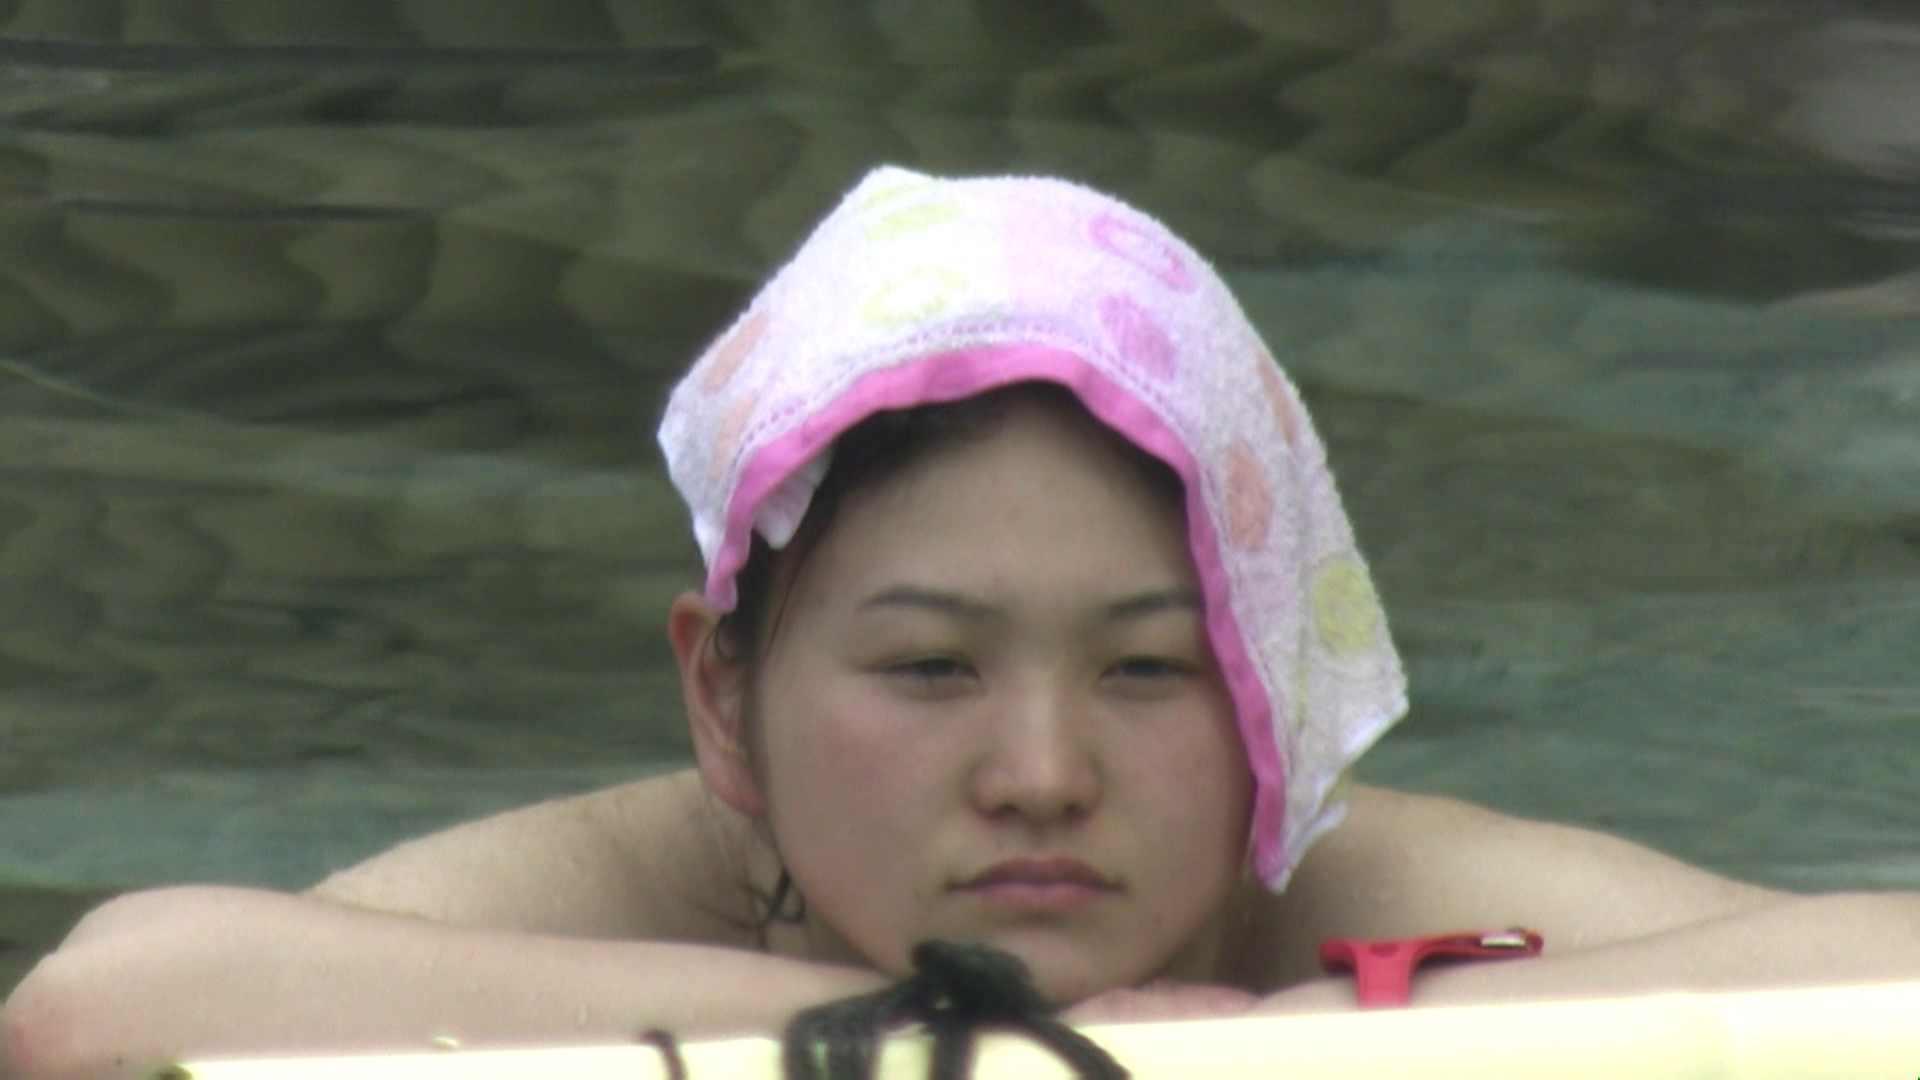 高画質露天女風呂観察 vol.026 ギャル入浴 隠し撮りオマンコ動画紹介 84連発 5